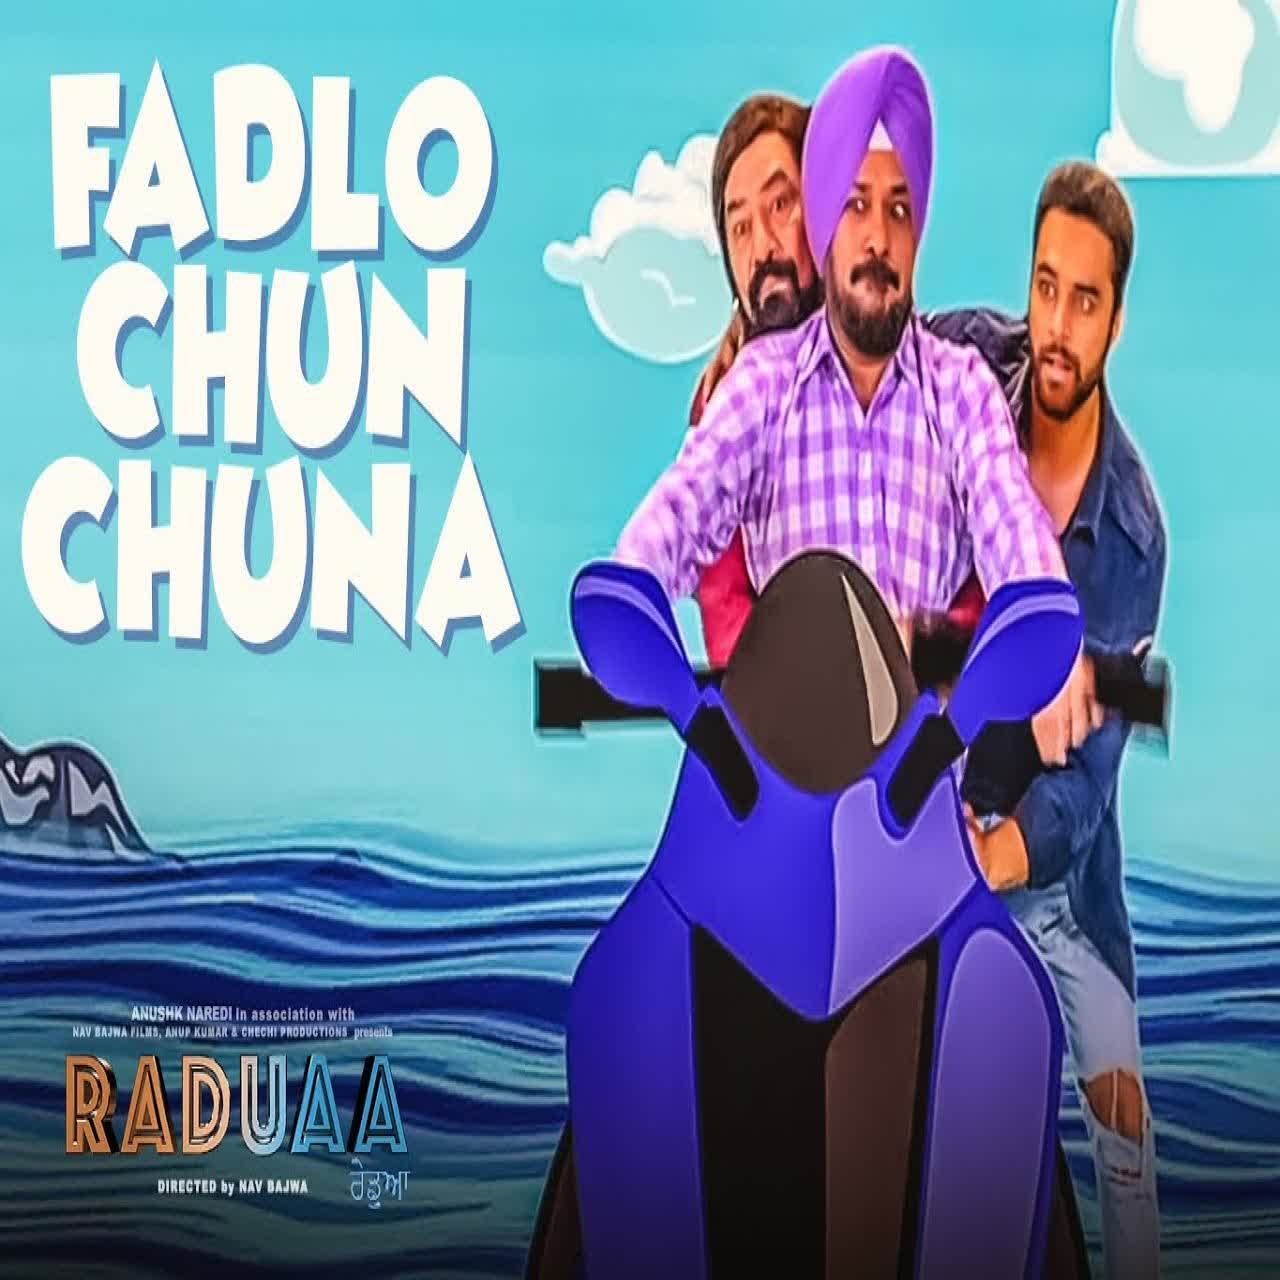 Fadlo Chun Chuna Nachhatar Gill